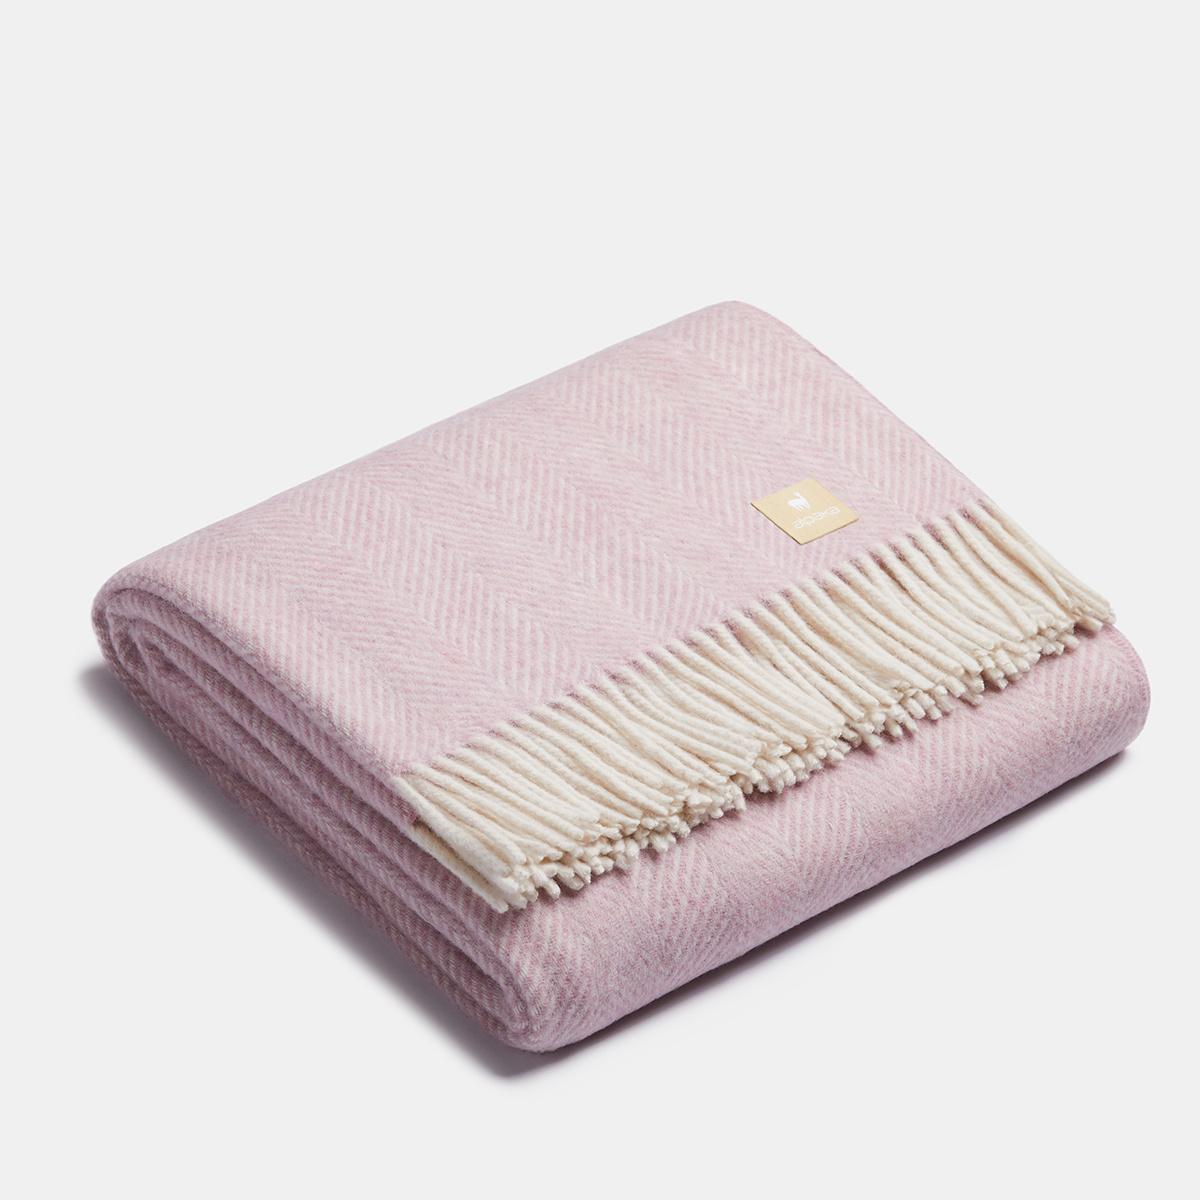 ALPAKA - Arête de poisson classique - Plaid en laine d'alpaga - Rose / Blanc - 150x200